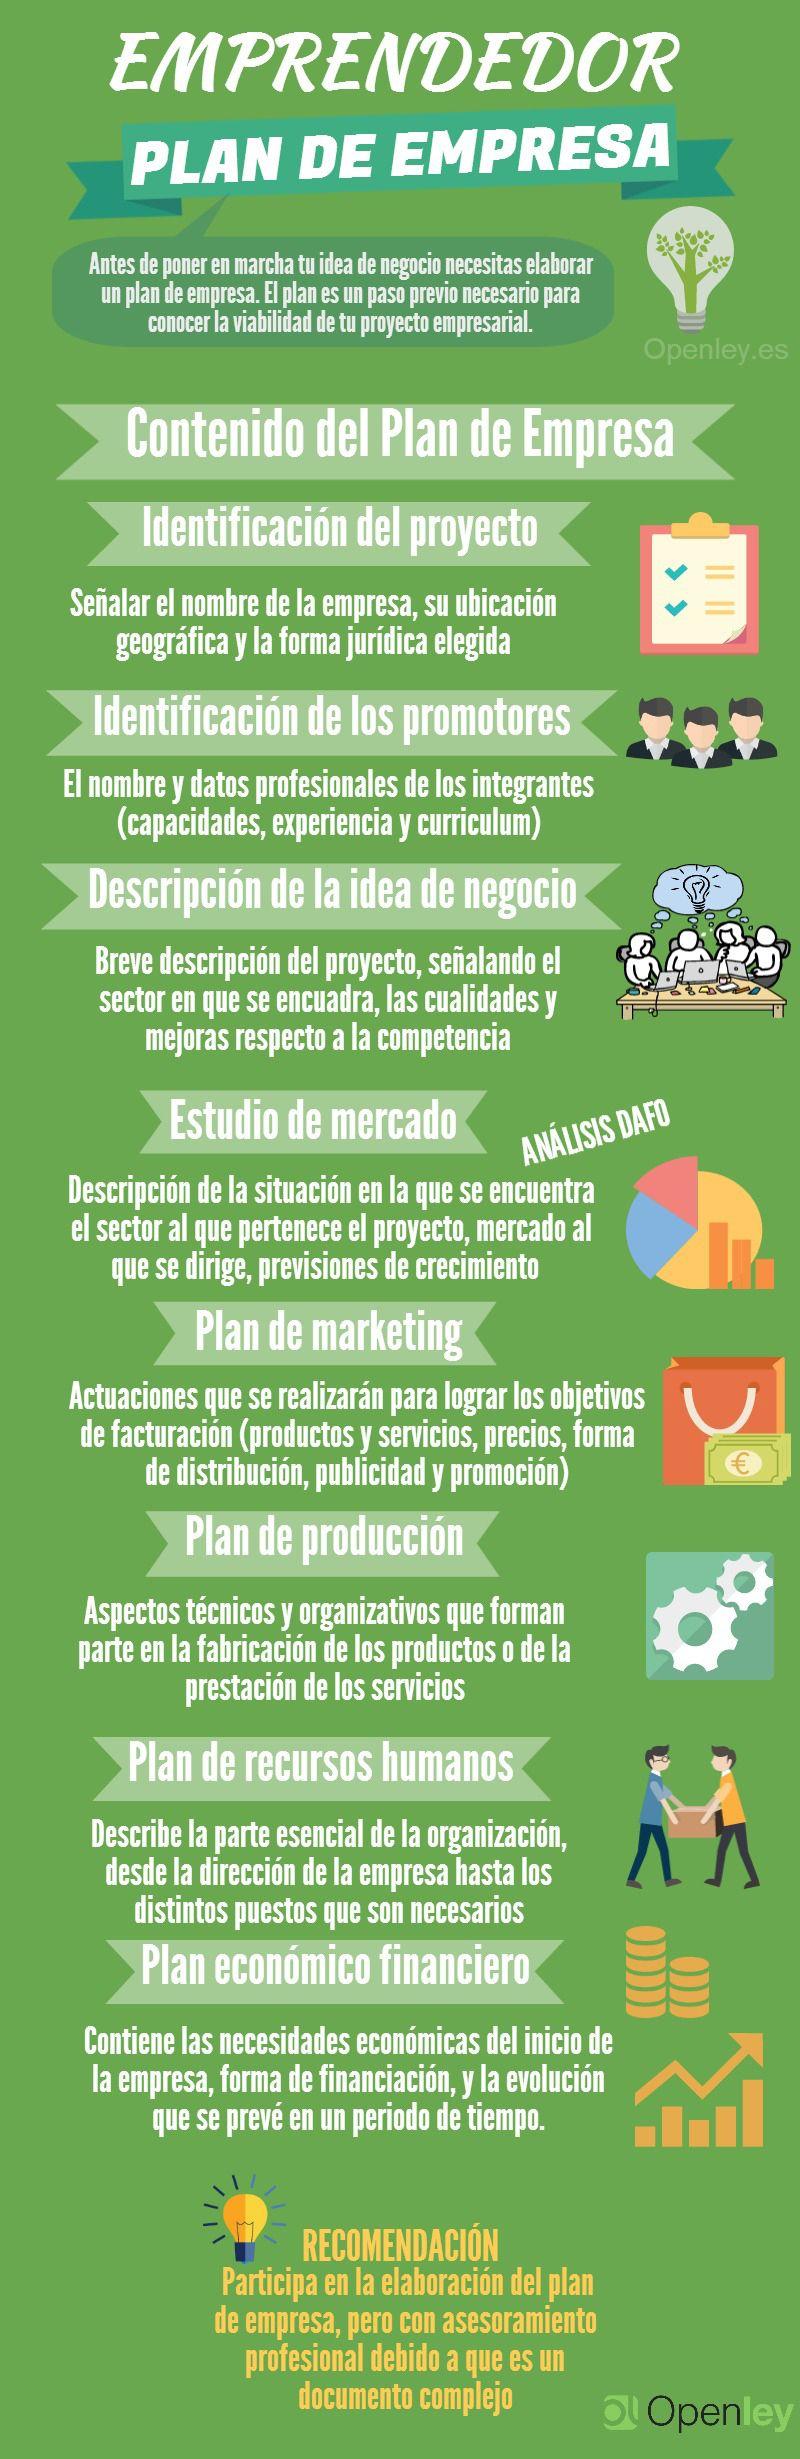 270 Ideas De Dicretic Estrategias De Marketing Marketing De Contenidos Consejos Para Redes Sociales